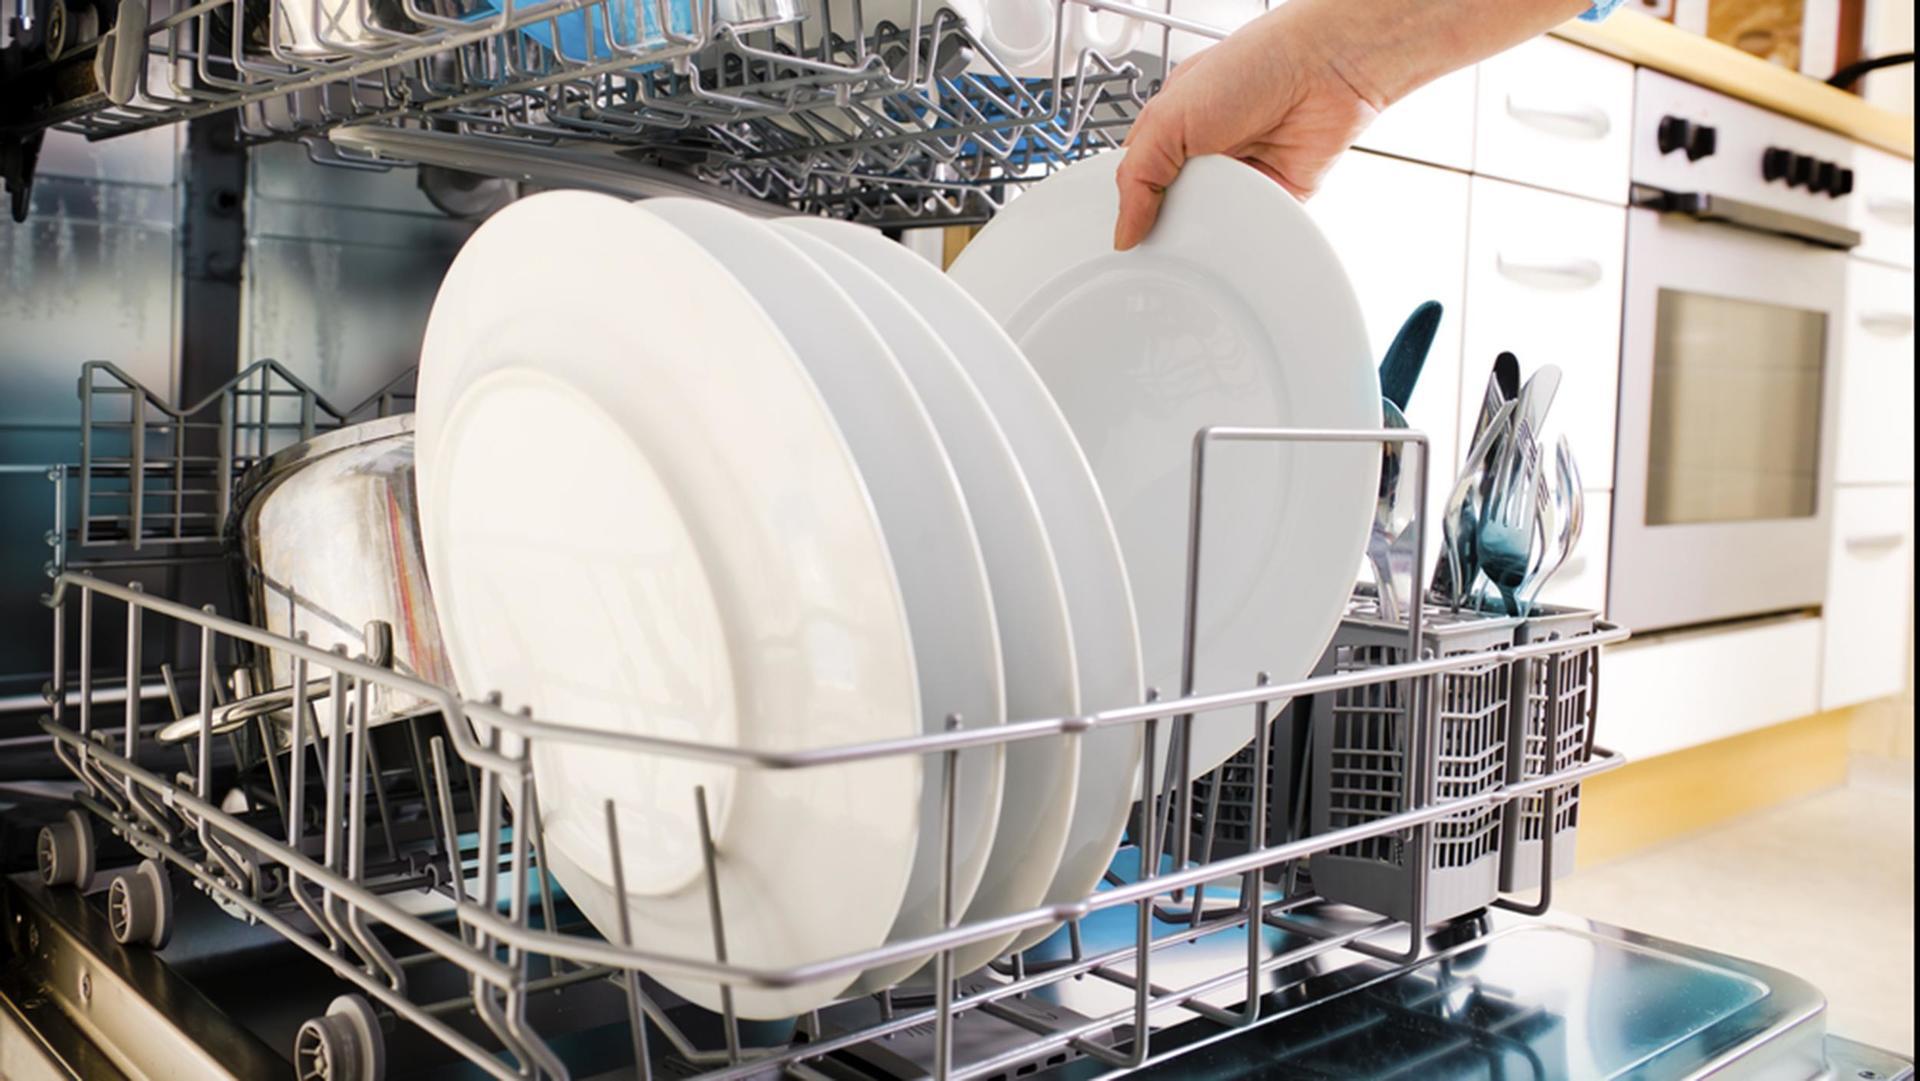 Пудра для мозга или как сделать порошок для посудомойки в 9,7 раз дешевле